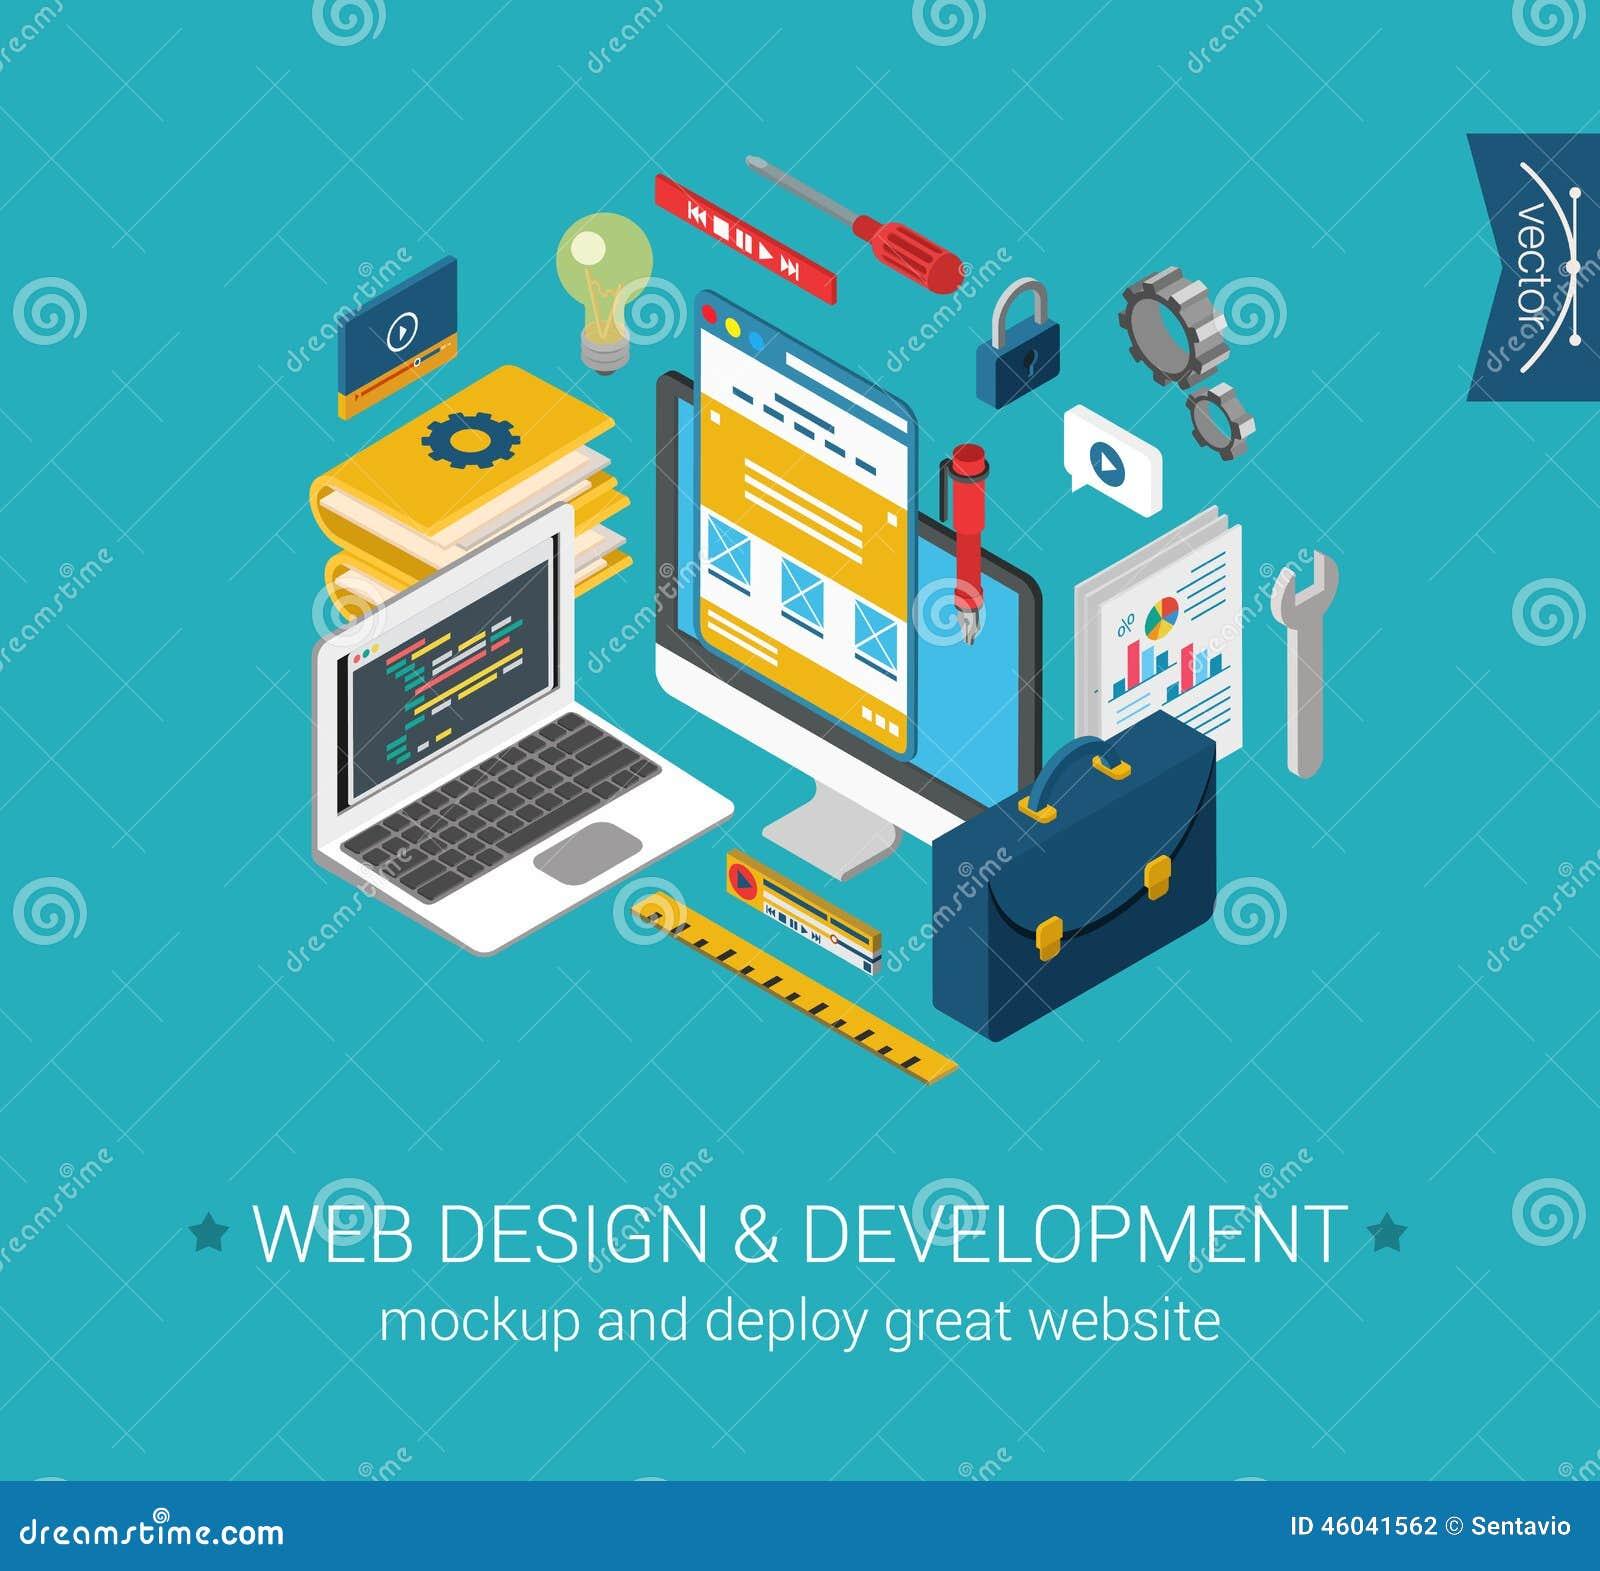 Концепция 3d модель-макета кодирвоания развития веб-дизайна программируя плоская